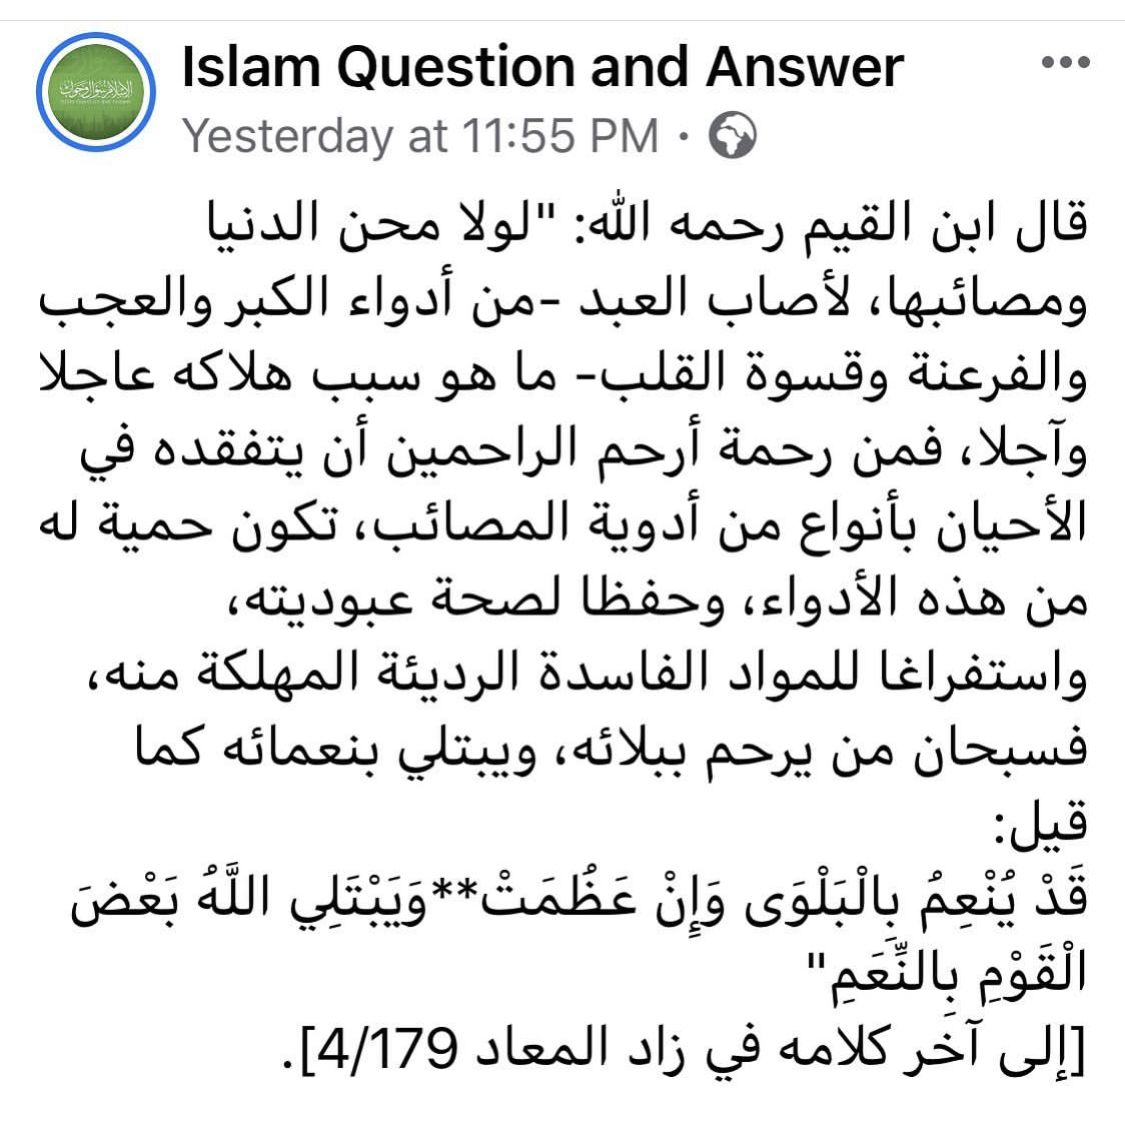 المحن والبلايا Islam Marriage This Or That Questions Islam